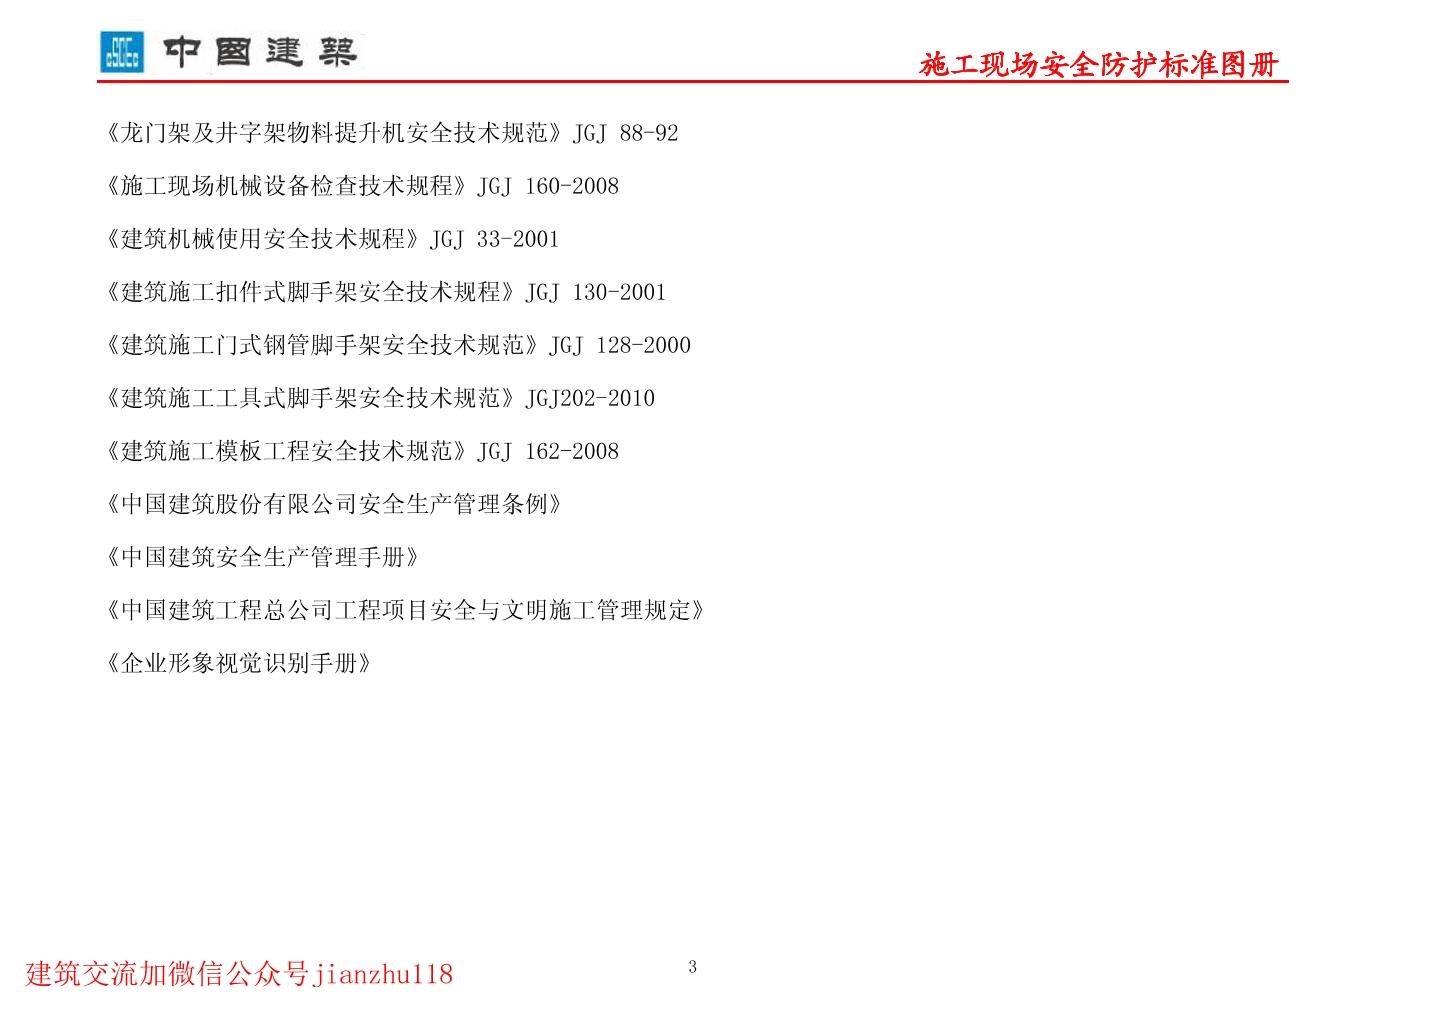 中国建筑安全网_中国建筑施工现场安全防护标准化图集 - 建工资料网